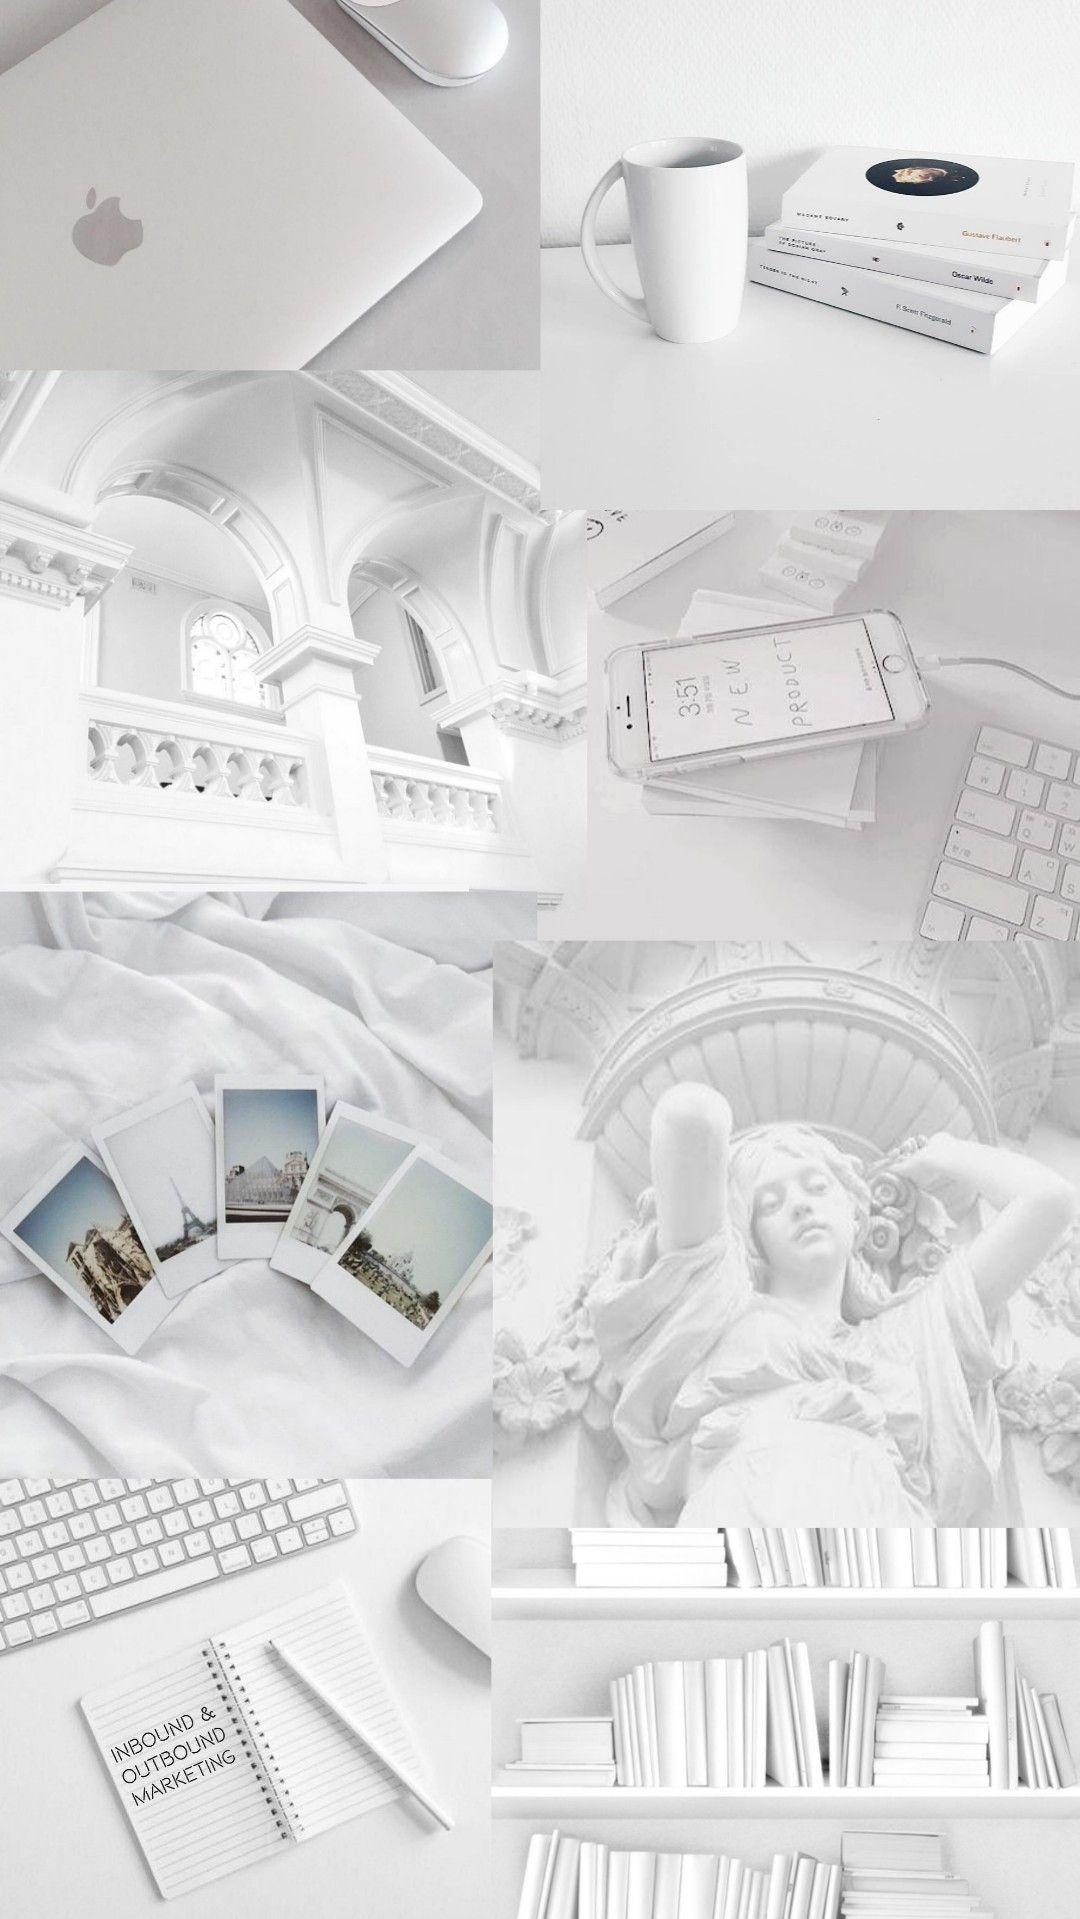 Wallpaper Aesthetic Ruang Seni Wallpaper Ponsel Kertas Dinding